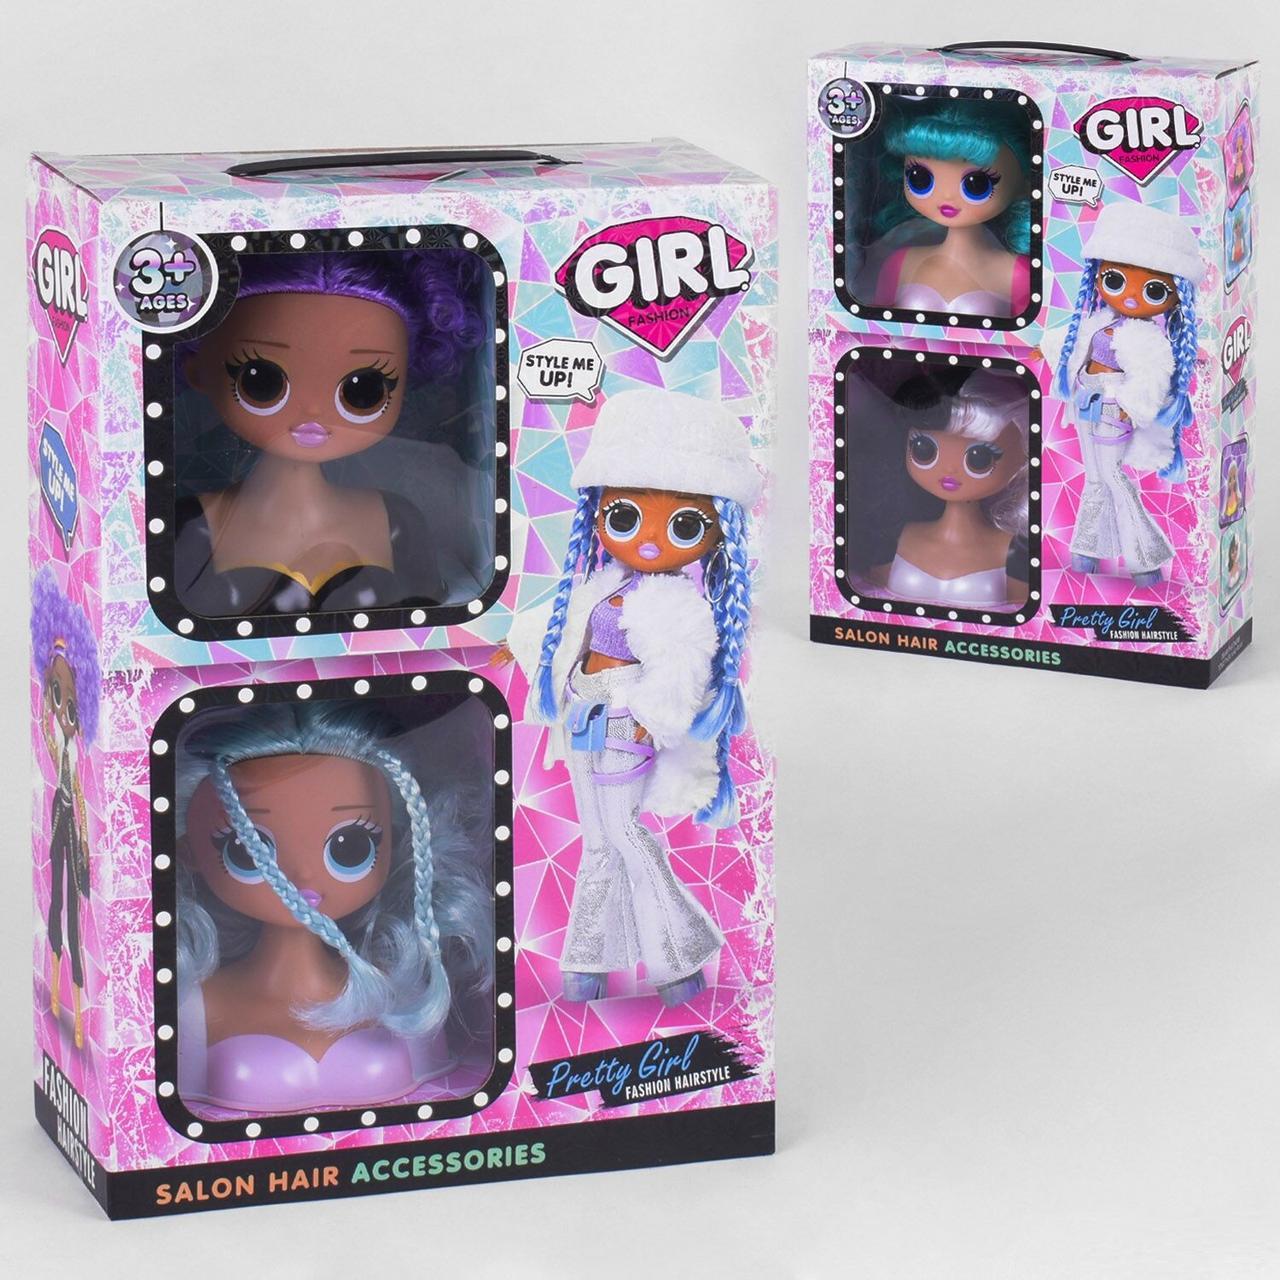 Іграшковий манекен для зачісок LK 1069 (2 ляльки в коробці) 2 види